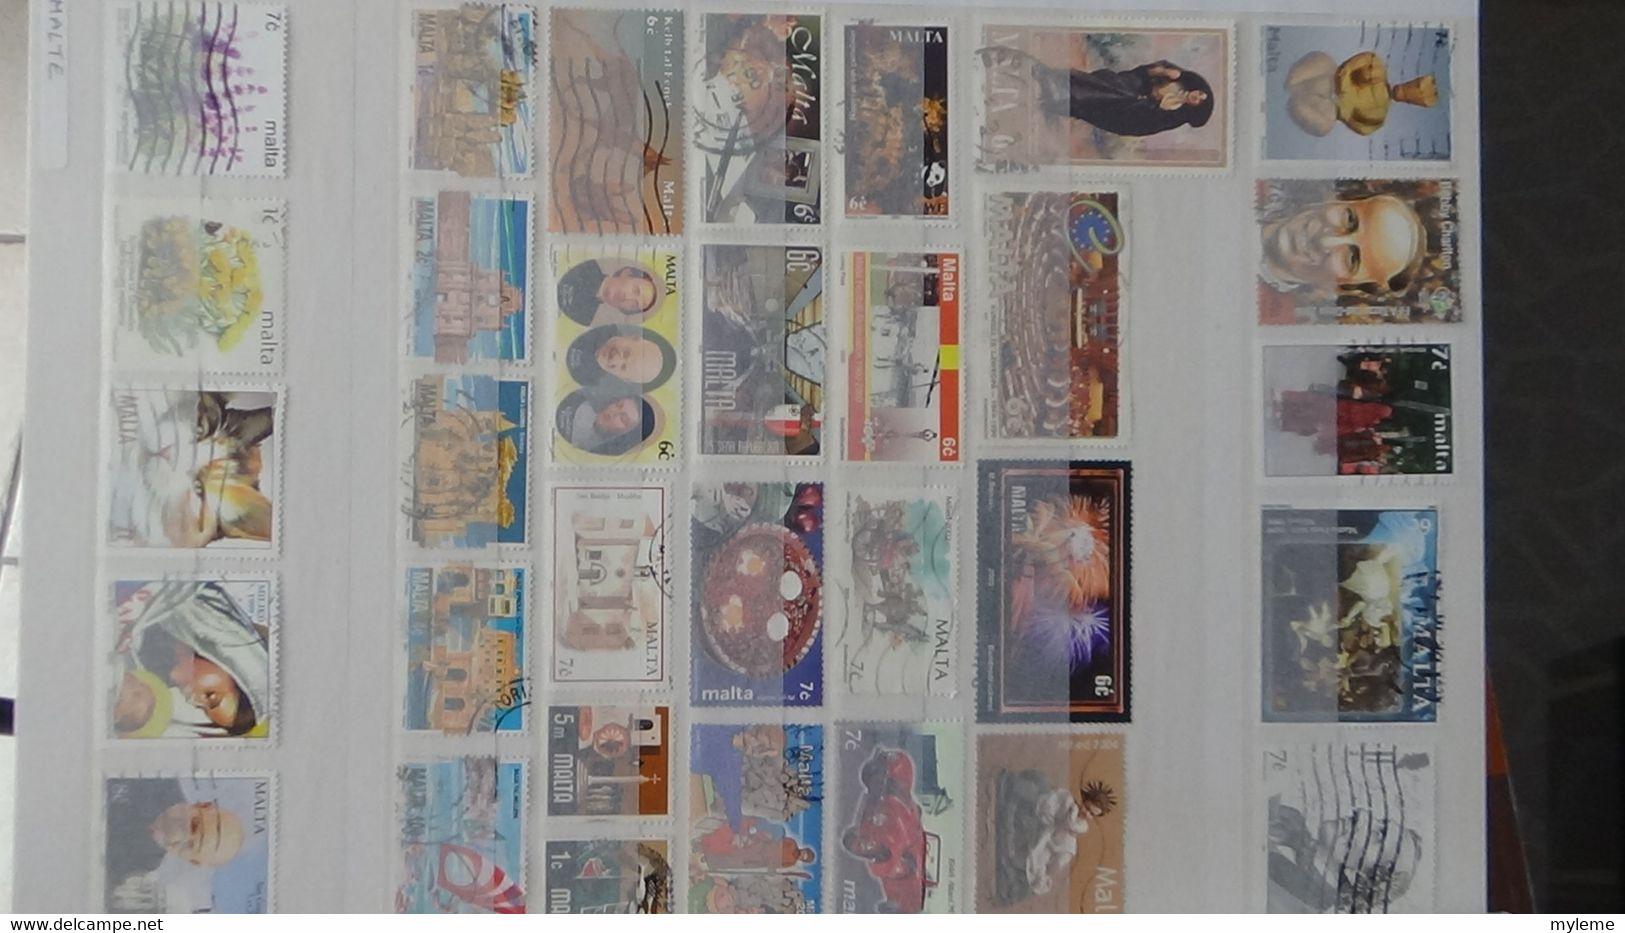 S0 Déstockage Spécial Confinement 13 Album Prophila 32 Vues + Des Milliers De Timbres ..Voir Commentaires !!! - Kilowaar (min. 1000 Zegels)